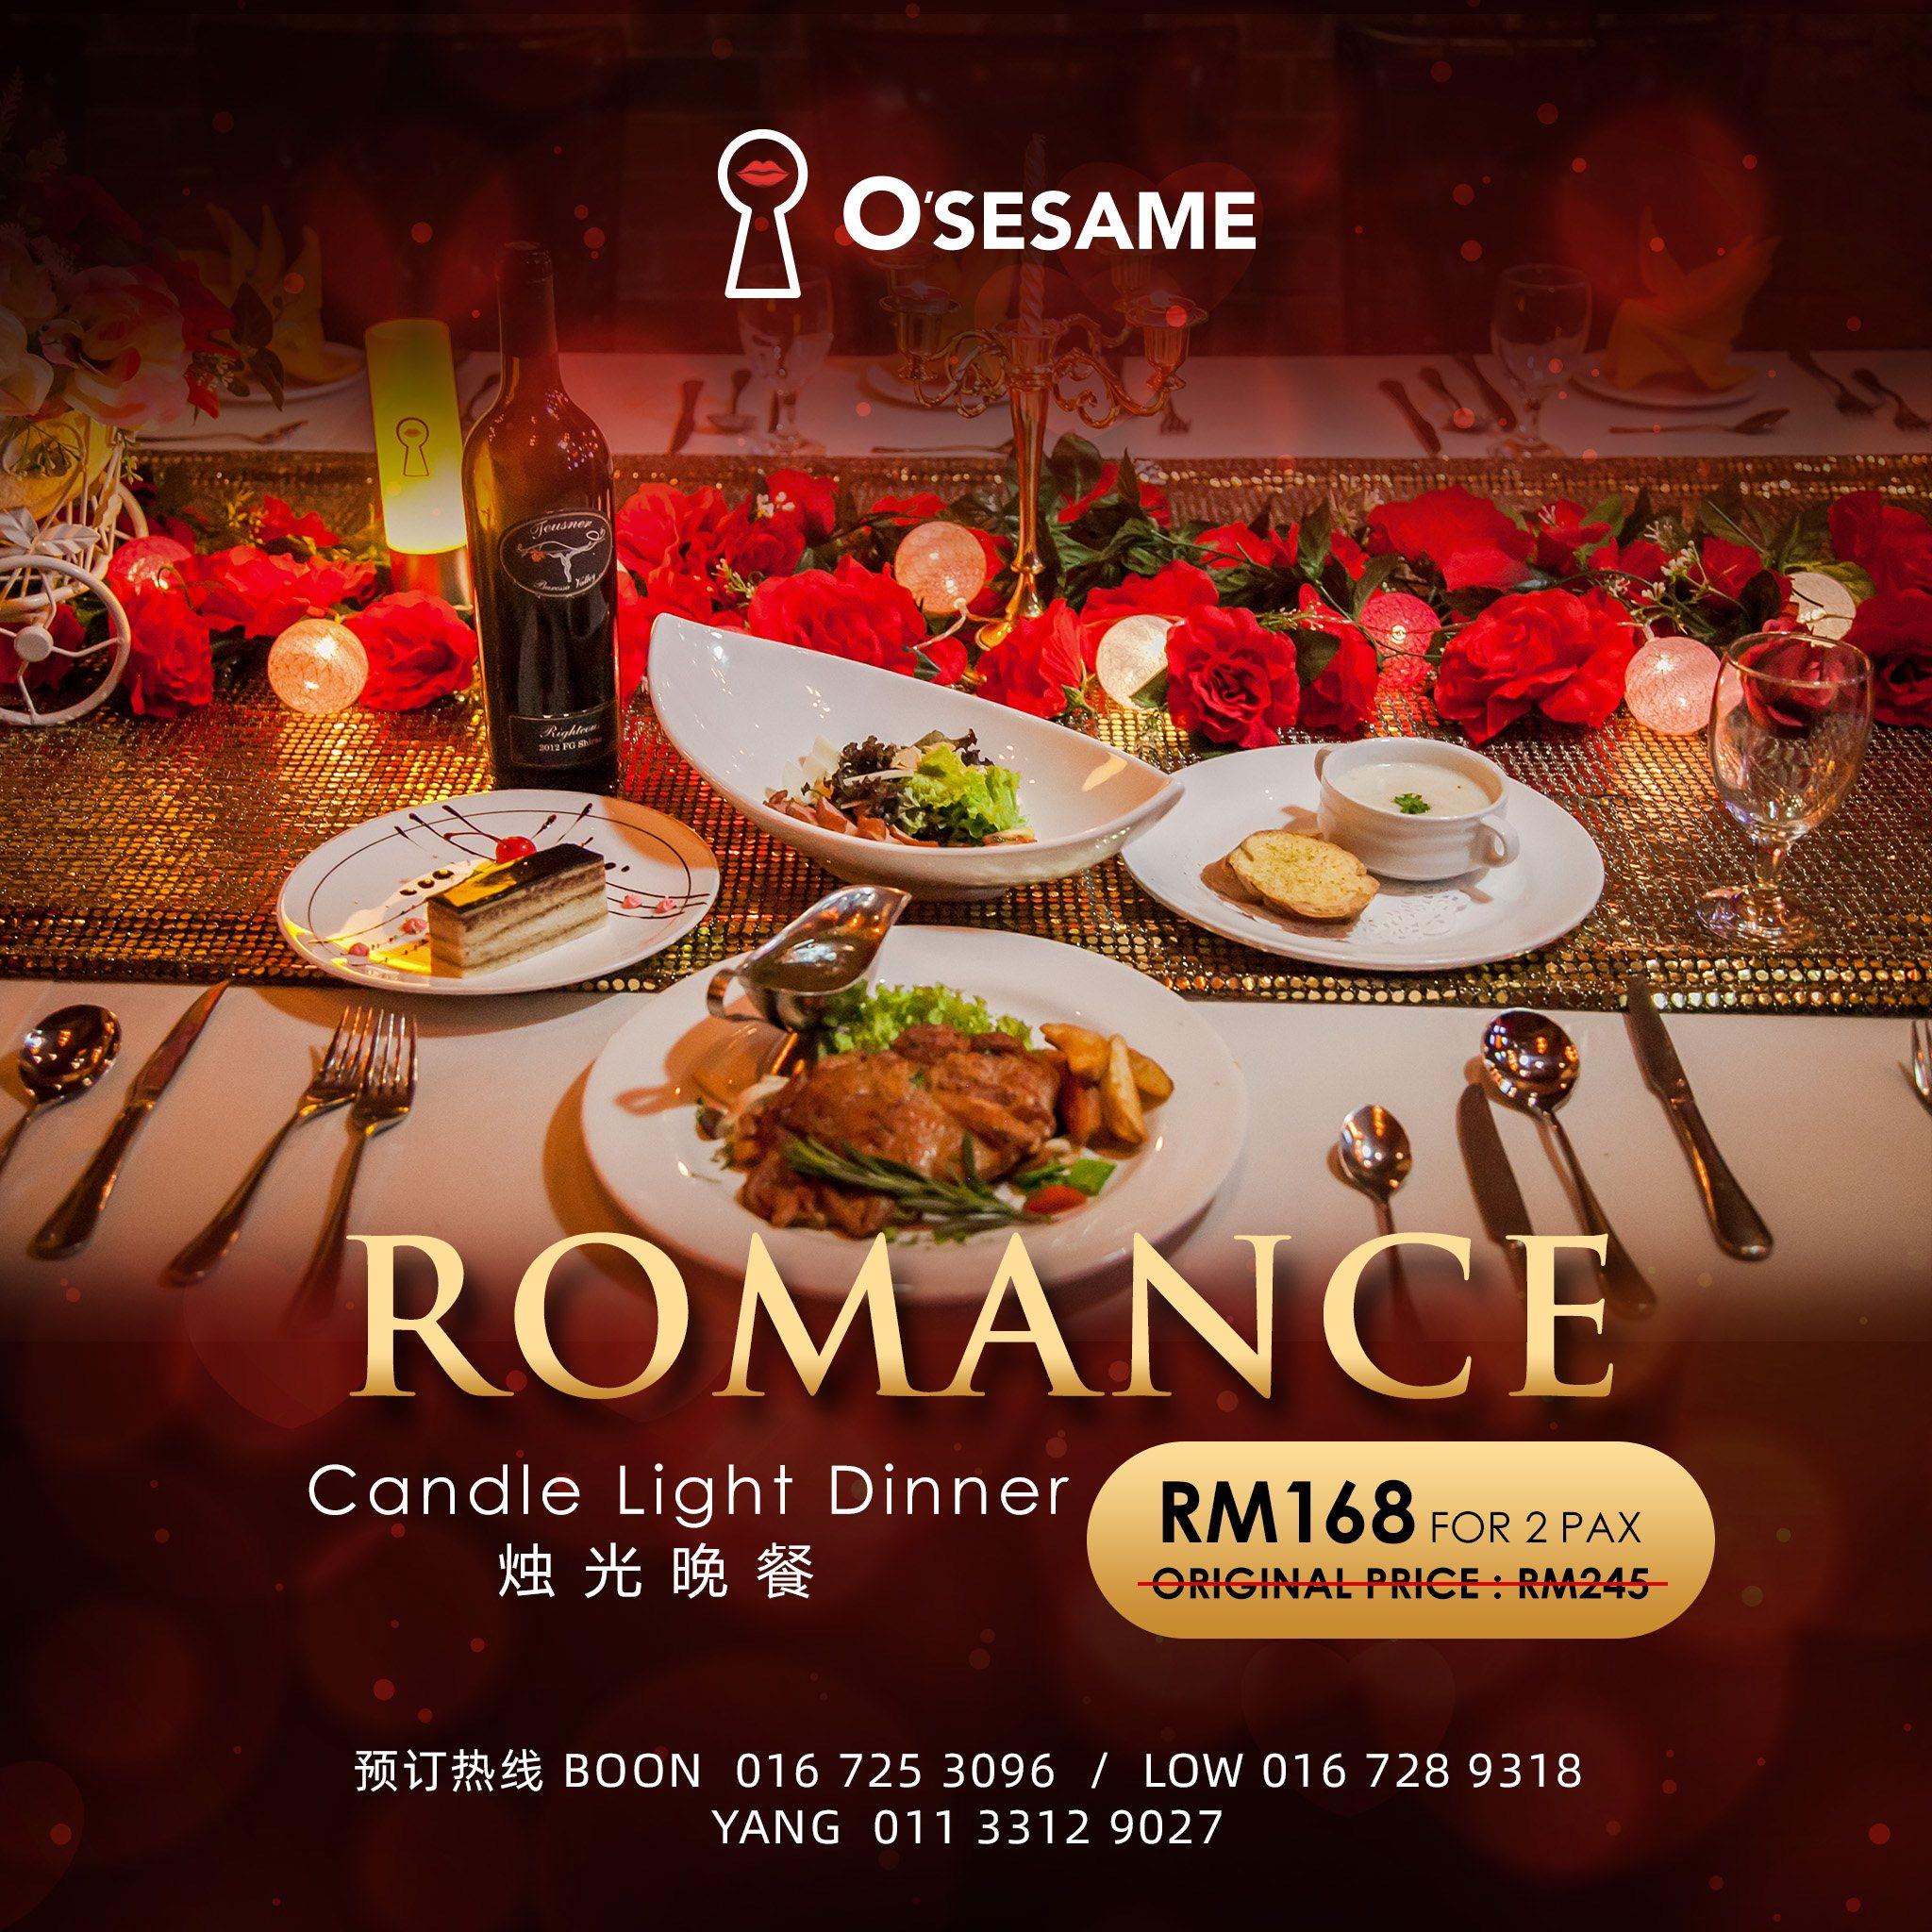 OSS Romance Candle Light Dinner